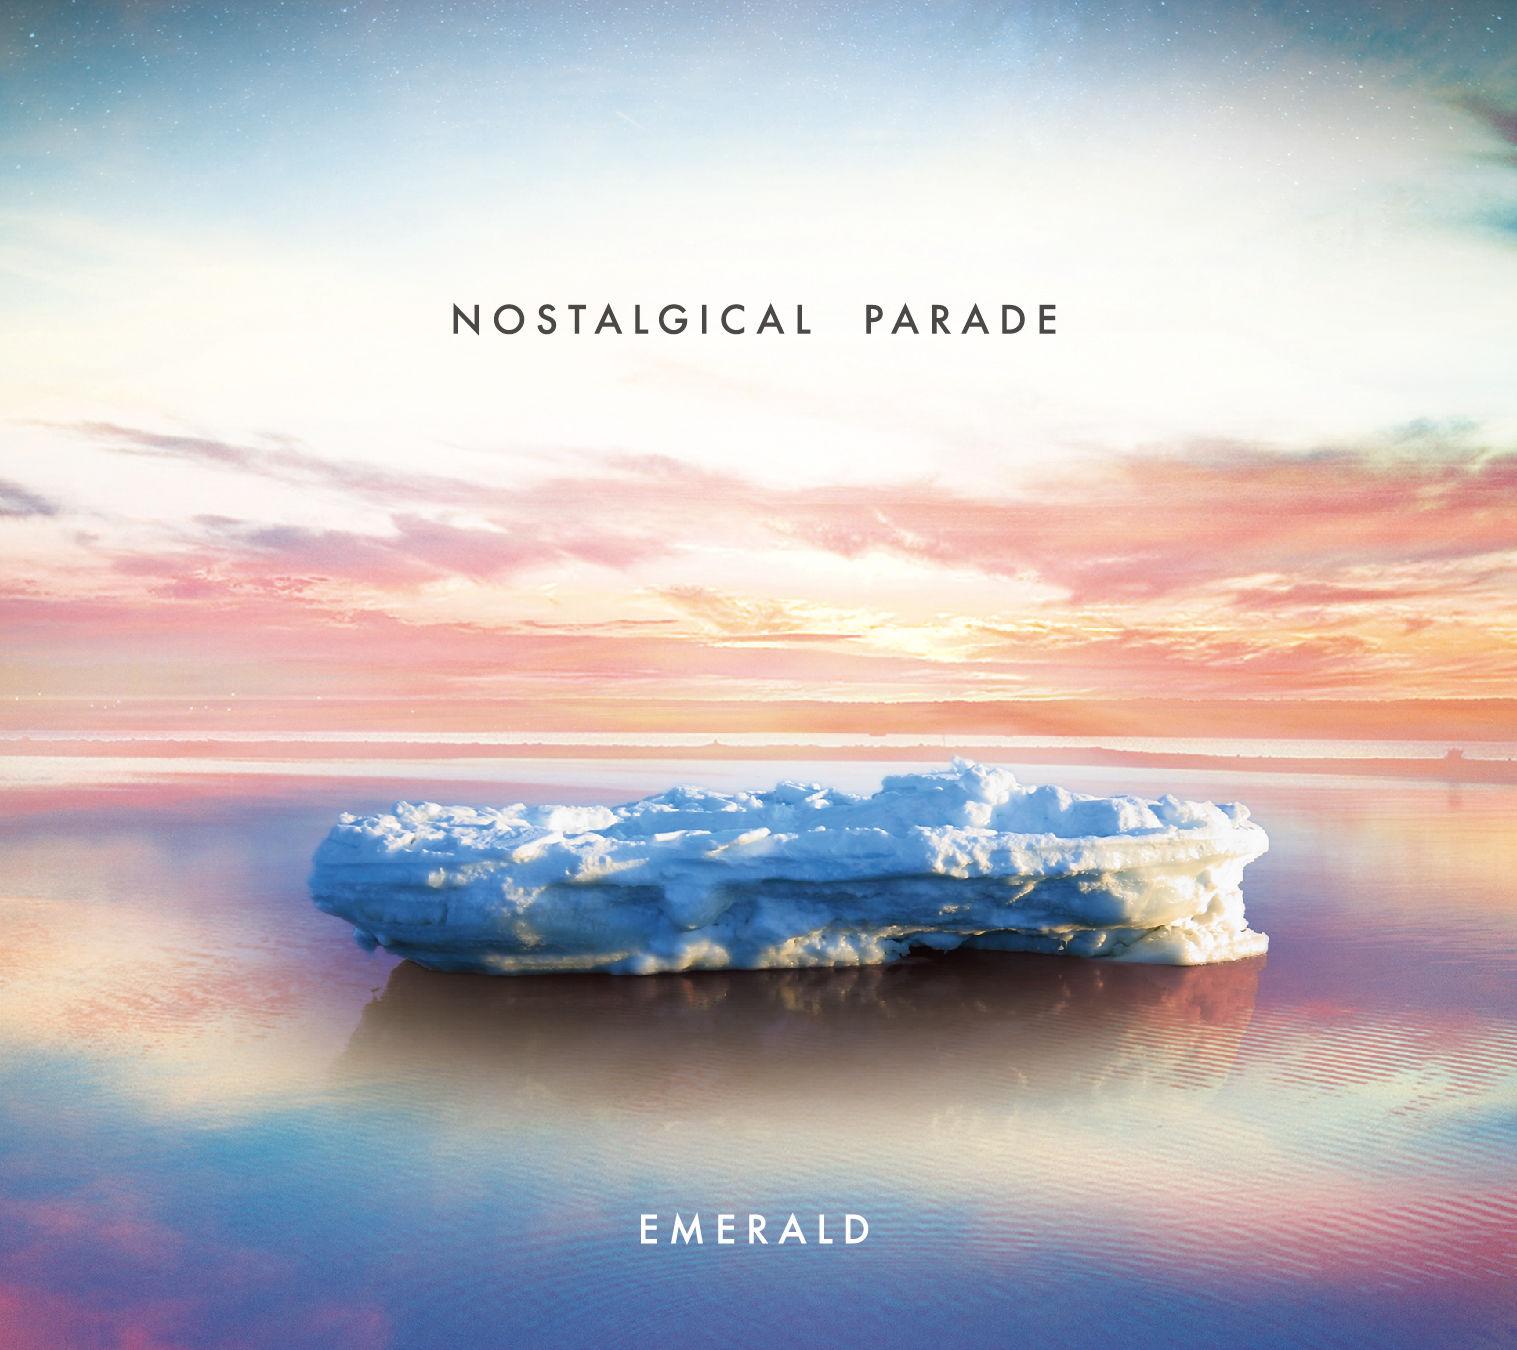 Emerald/Nostalgical Parade